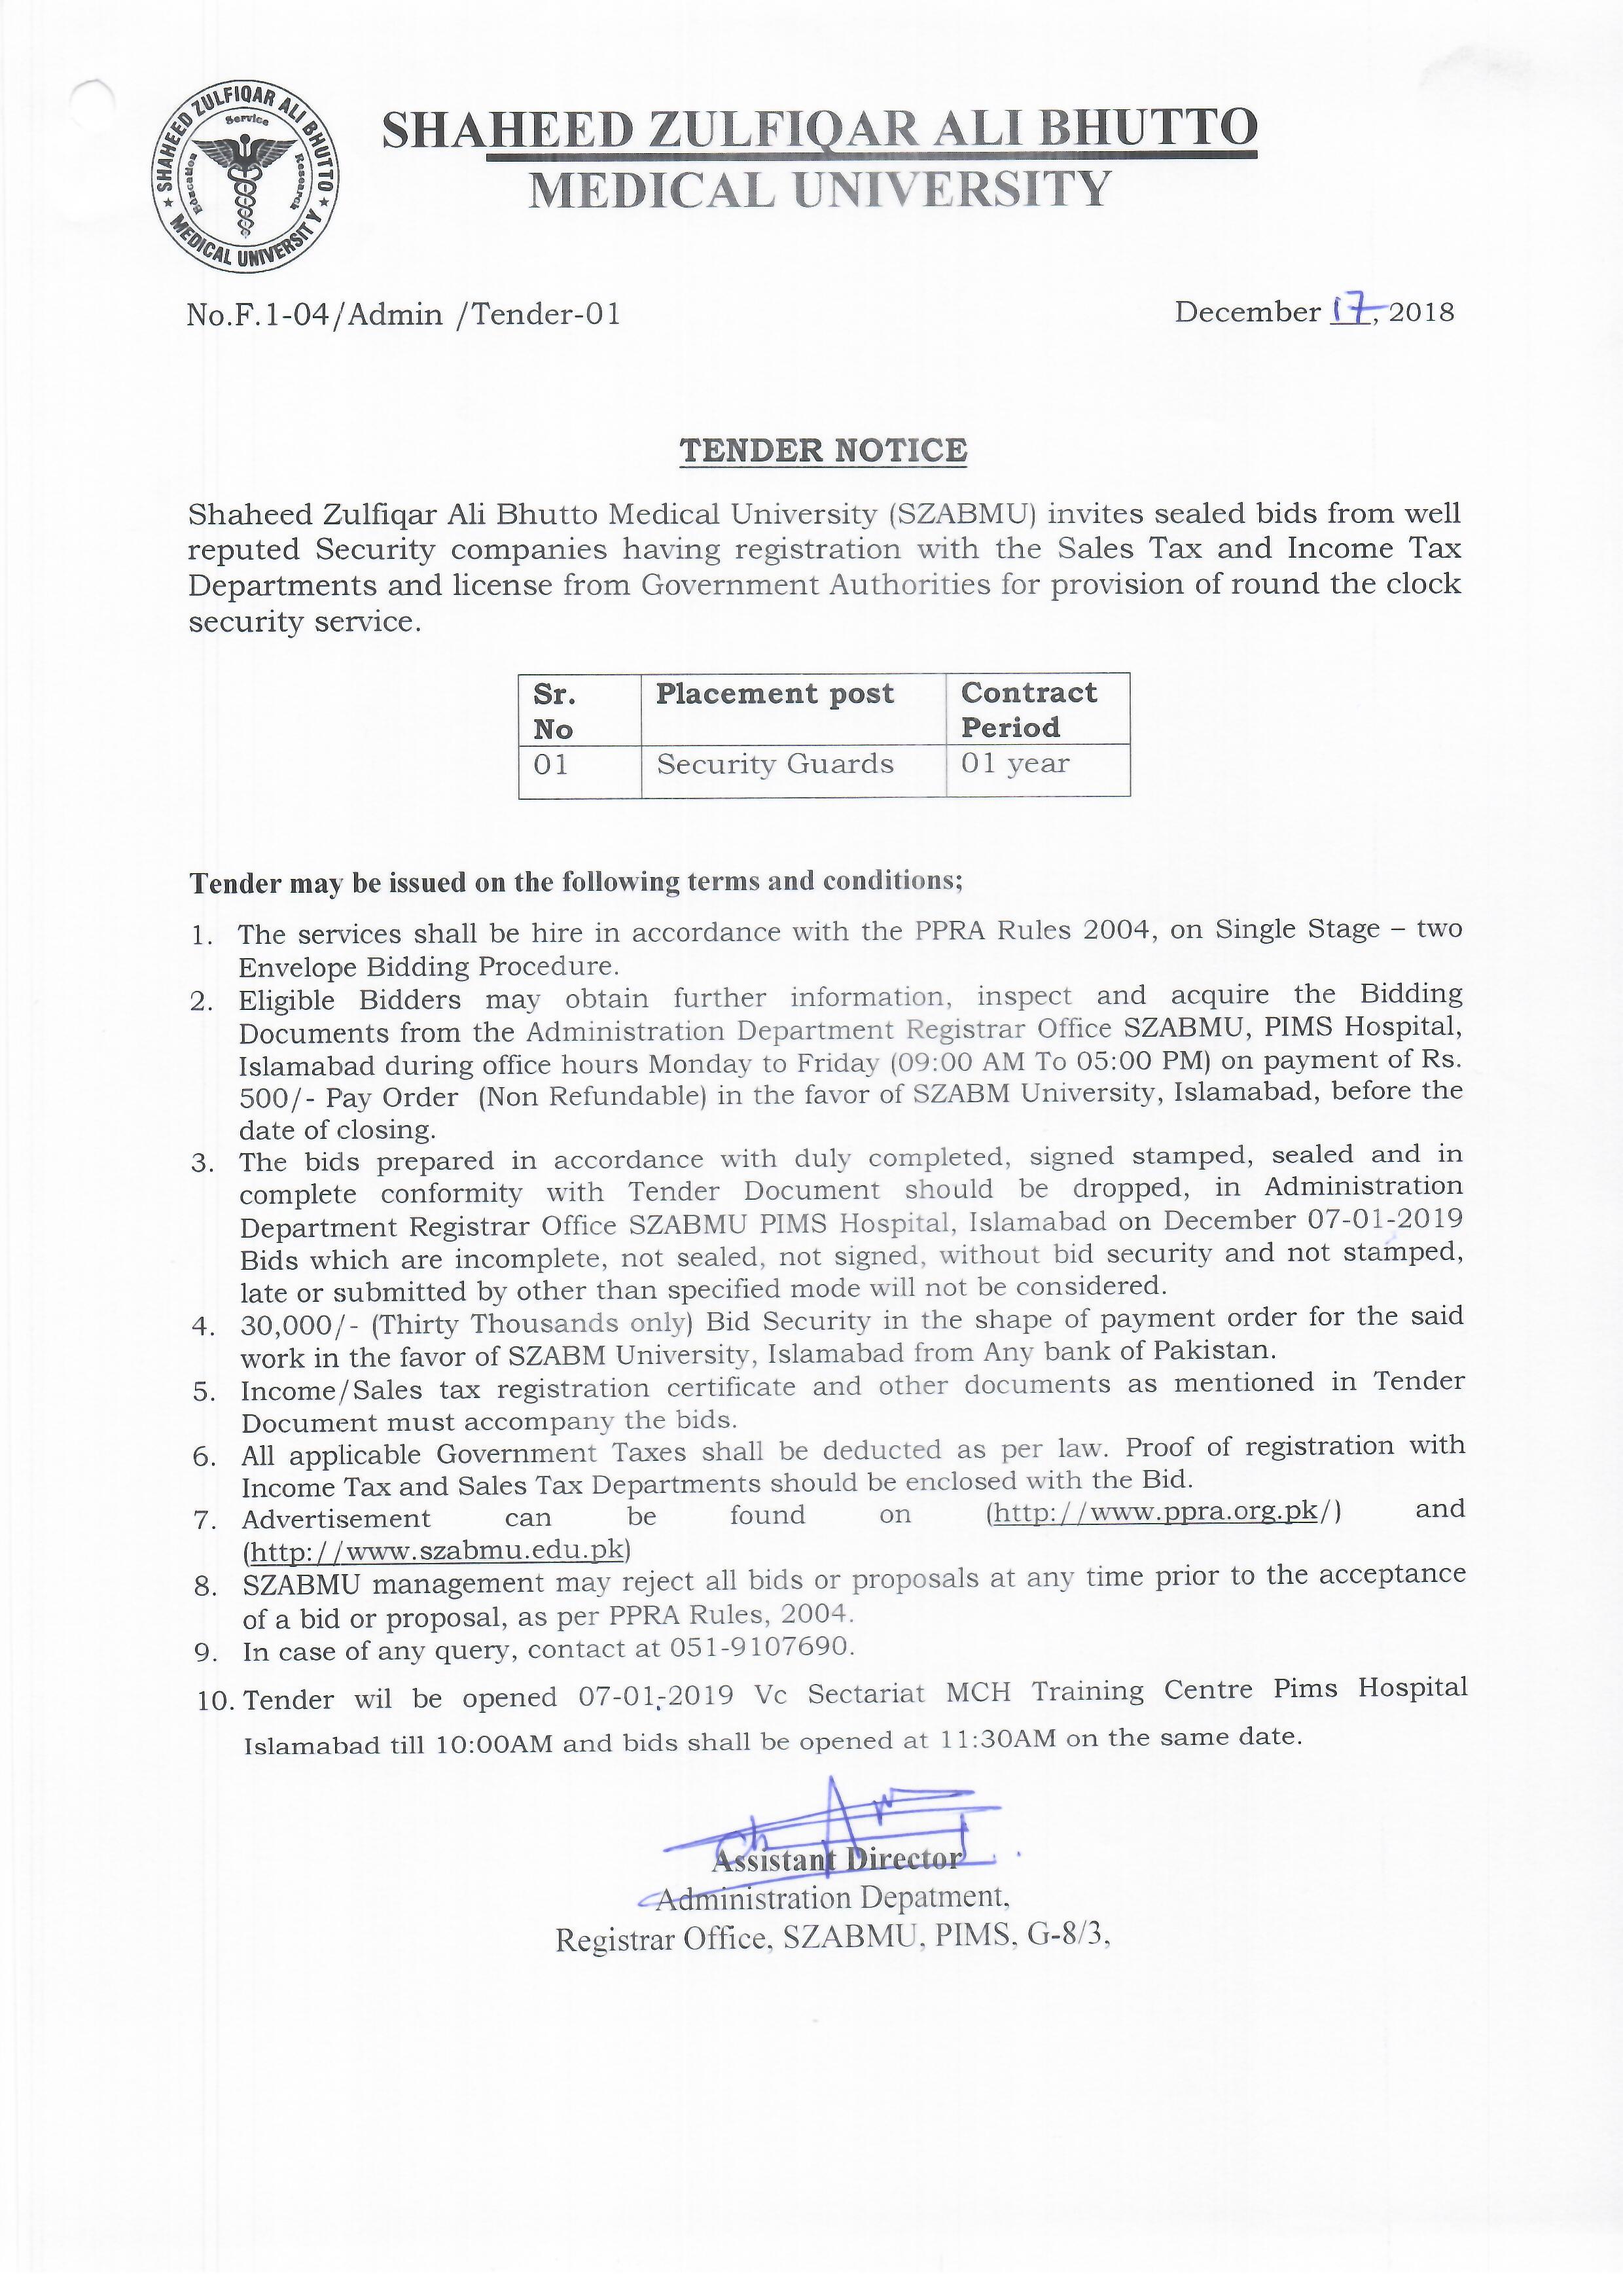 Tender Notice December 2018